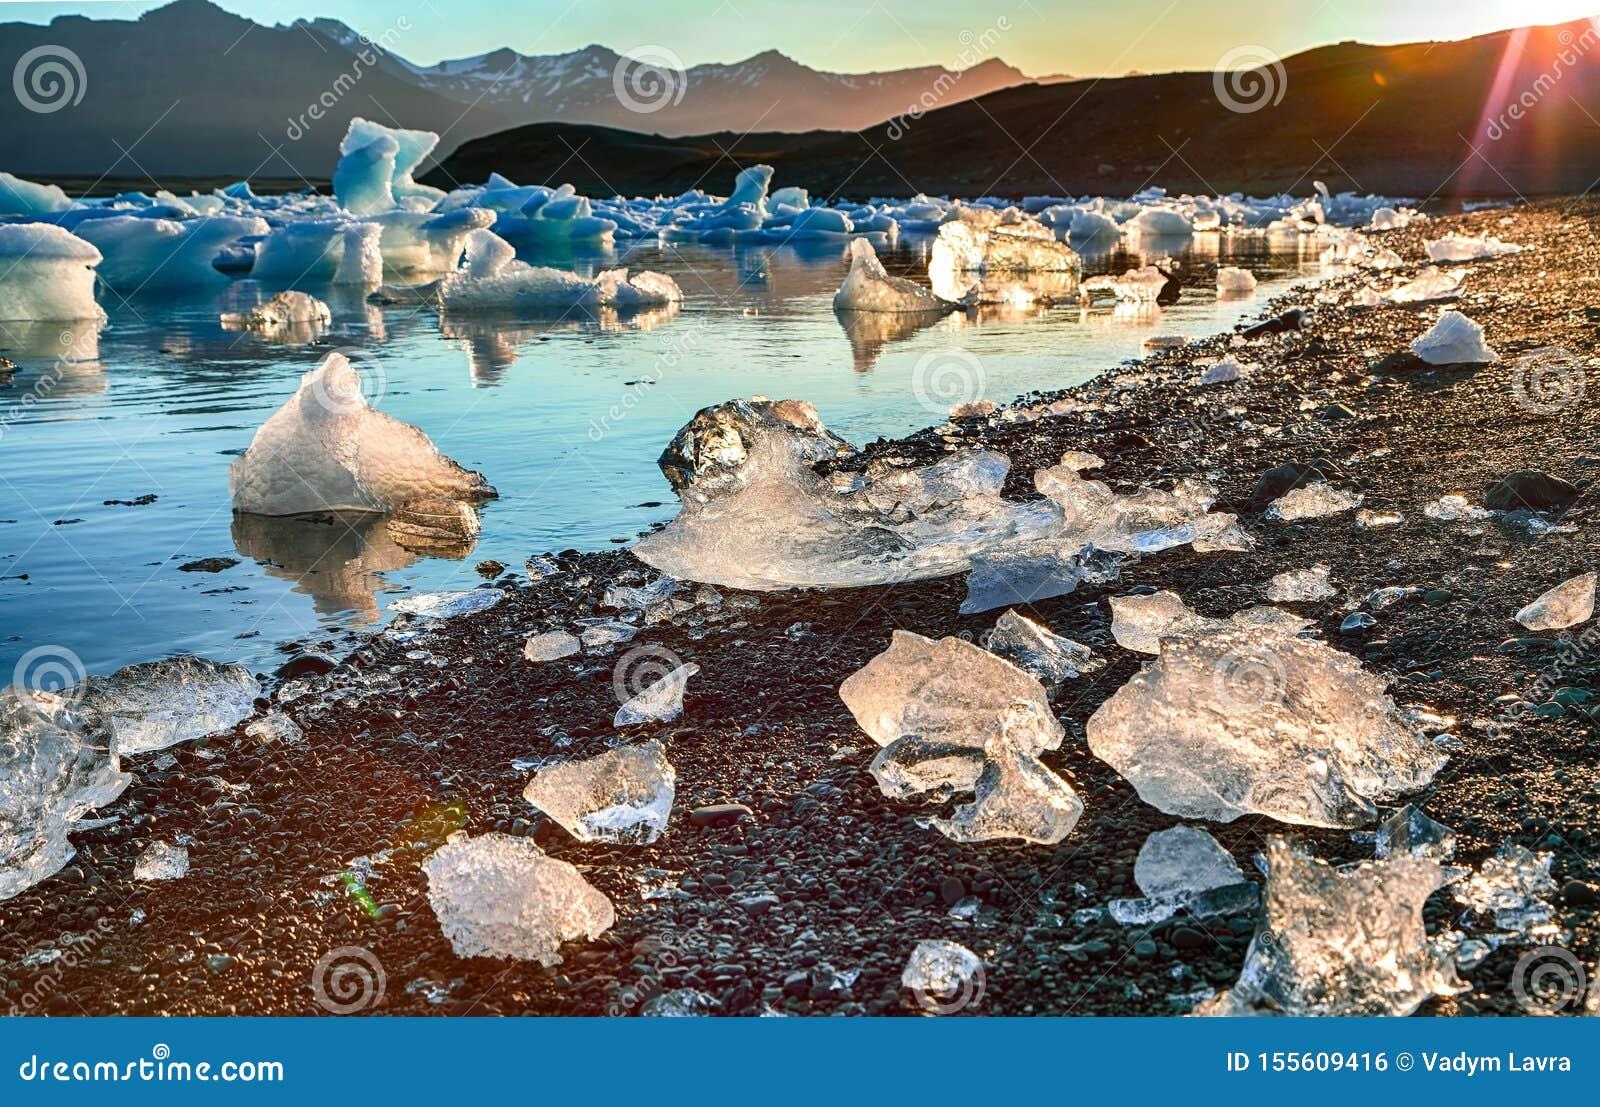 Schöne Landschaft mit sich hin- und herbewegenden Eisbergen in der Jokulsarlon-Gletscherlagune bei Sonnenuntergang